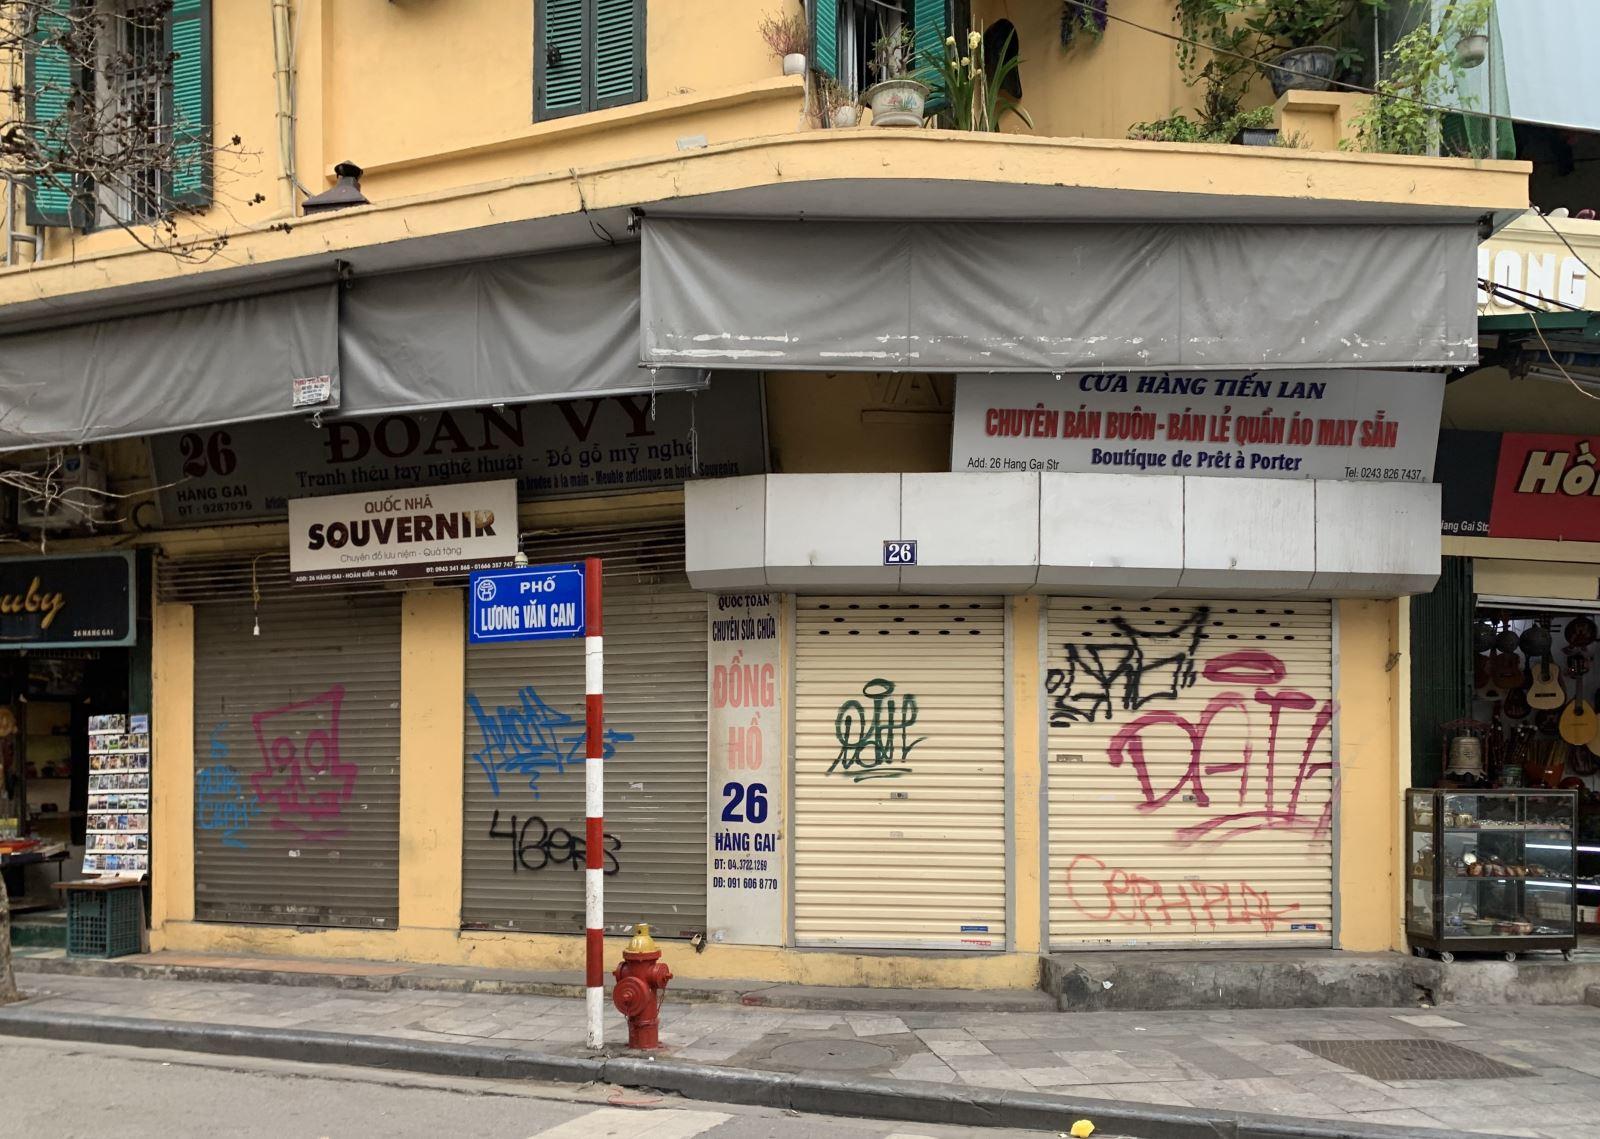 Ba tháng đầu năm, đại dịch Covid-19 đã khiến 35.000 doanh nghiệp trên cả nước rời khỏi thị trường. Trong ảnh: Nhiều cửa hàng có vị trí đẹp ở khu phố cổ Hà Nội cũng phải đóng cửa tạm nghỉ hoặc sang nhượng vì không có khách, kể cả từ trước khi thực hiện cách ly xã hội. Ảnh: baotintuc.vn